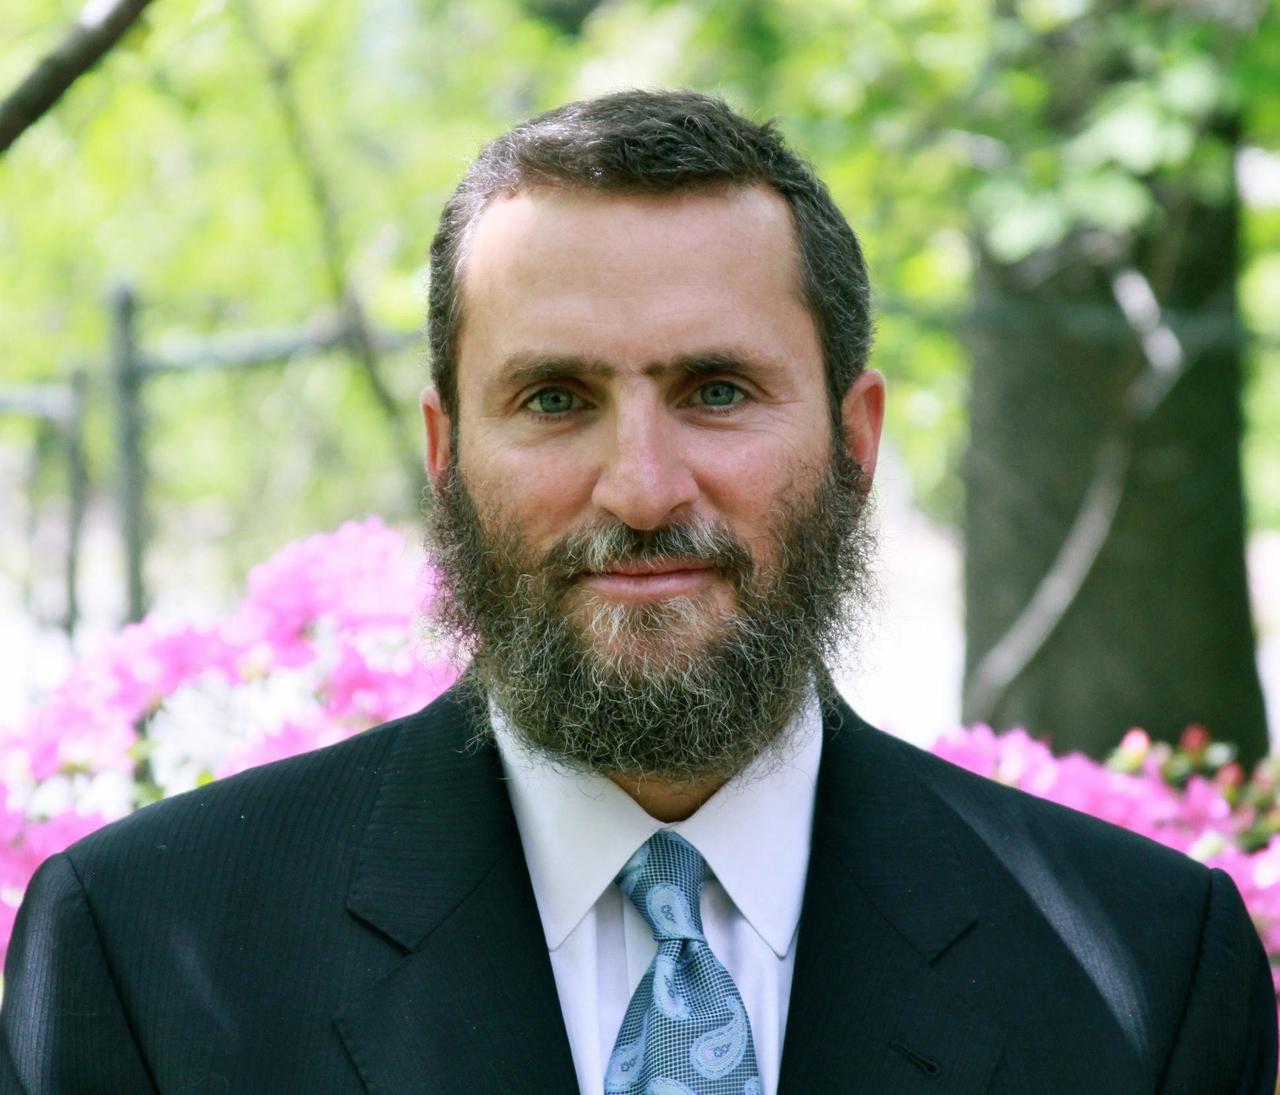 America's Rabbi